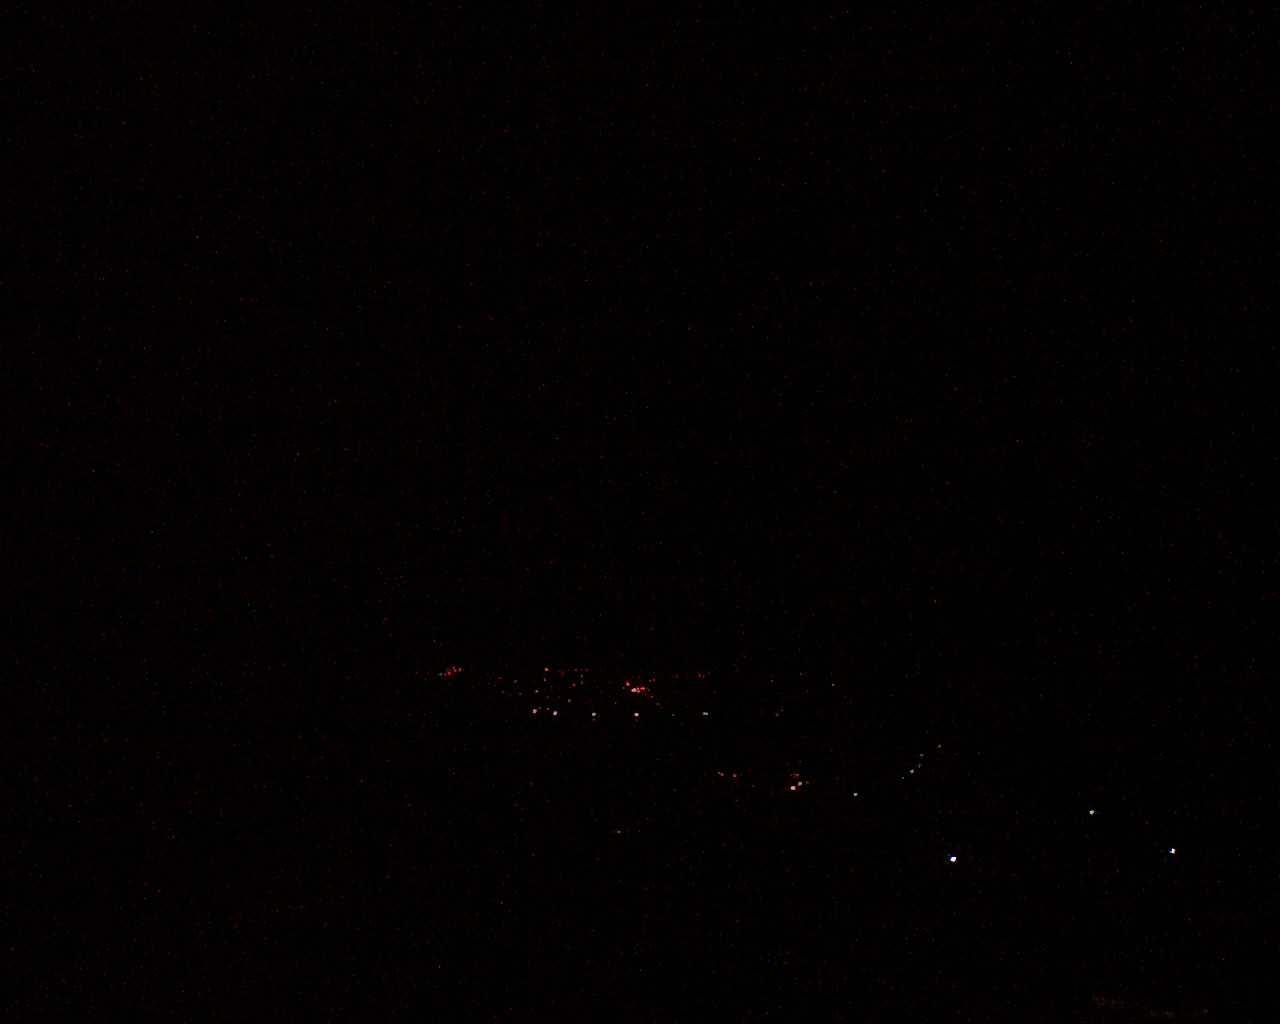 富士山ライブカメラ-河口湖大石高台